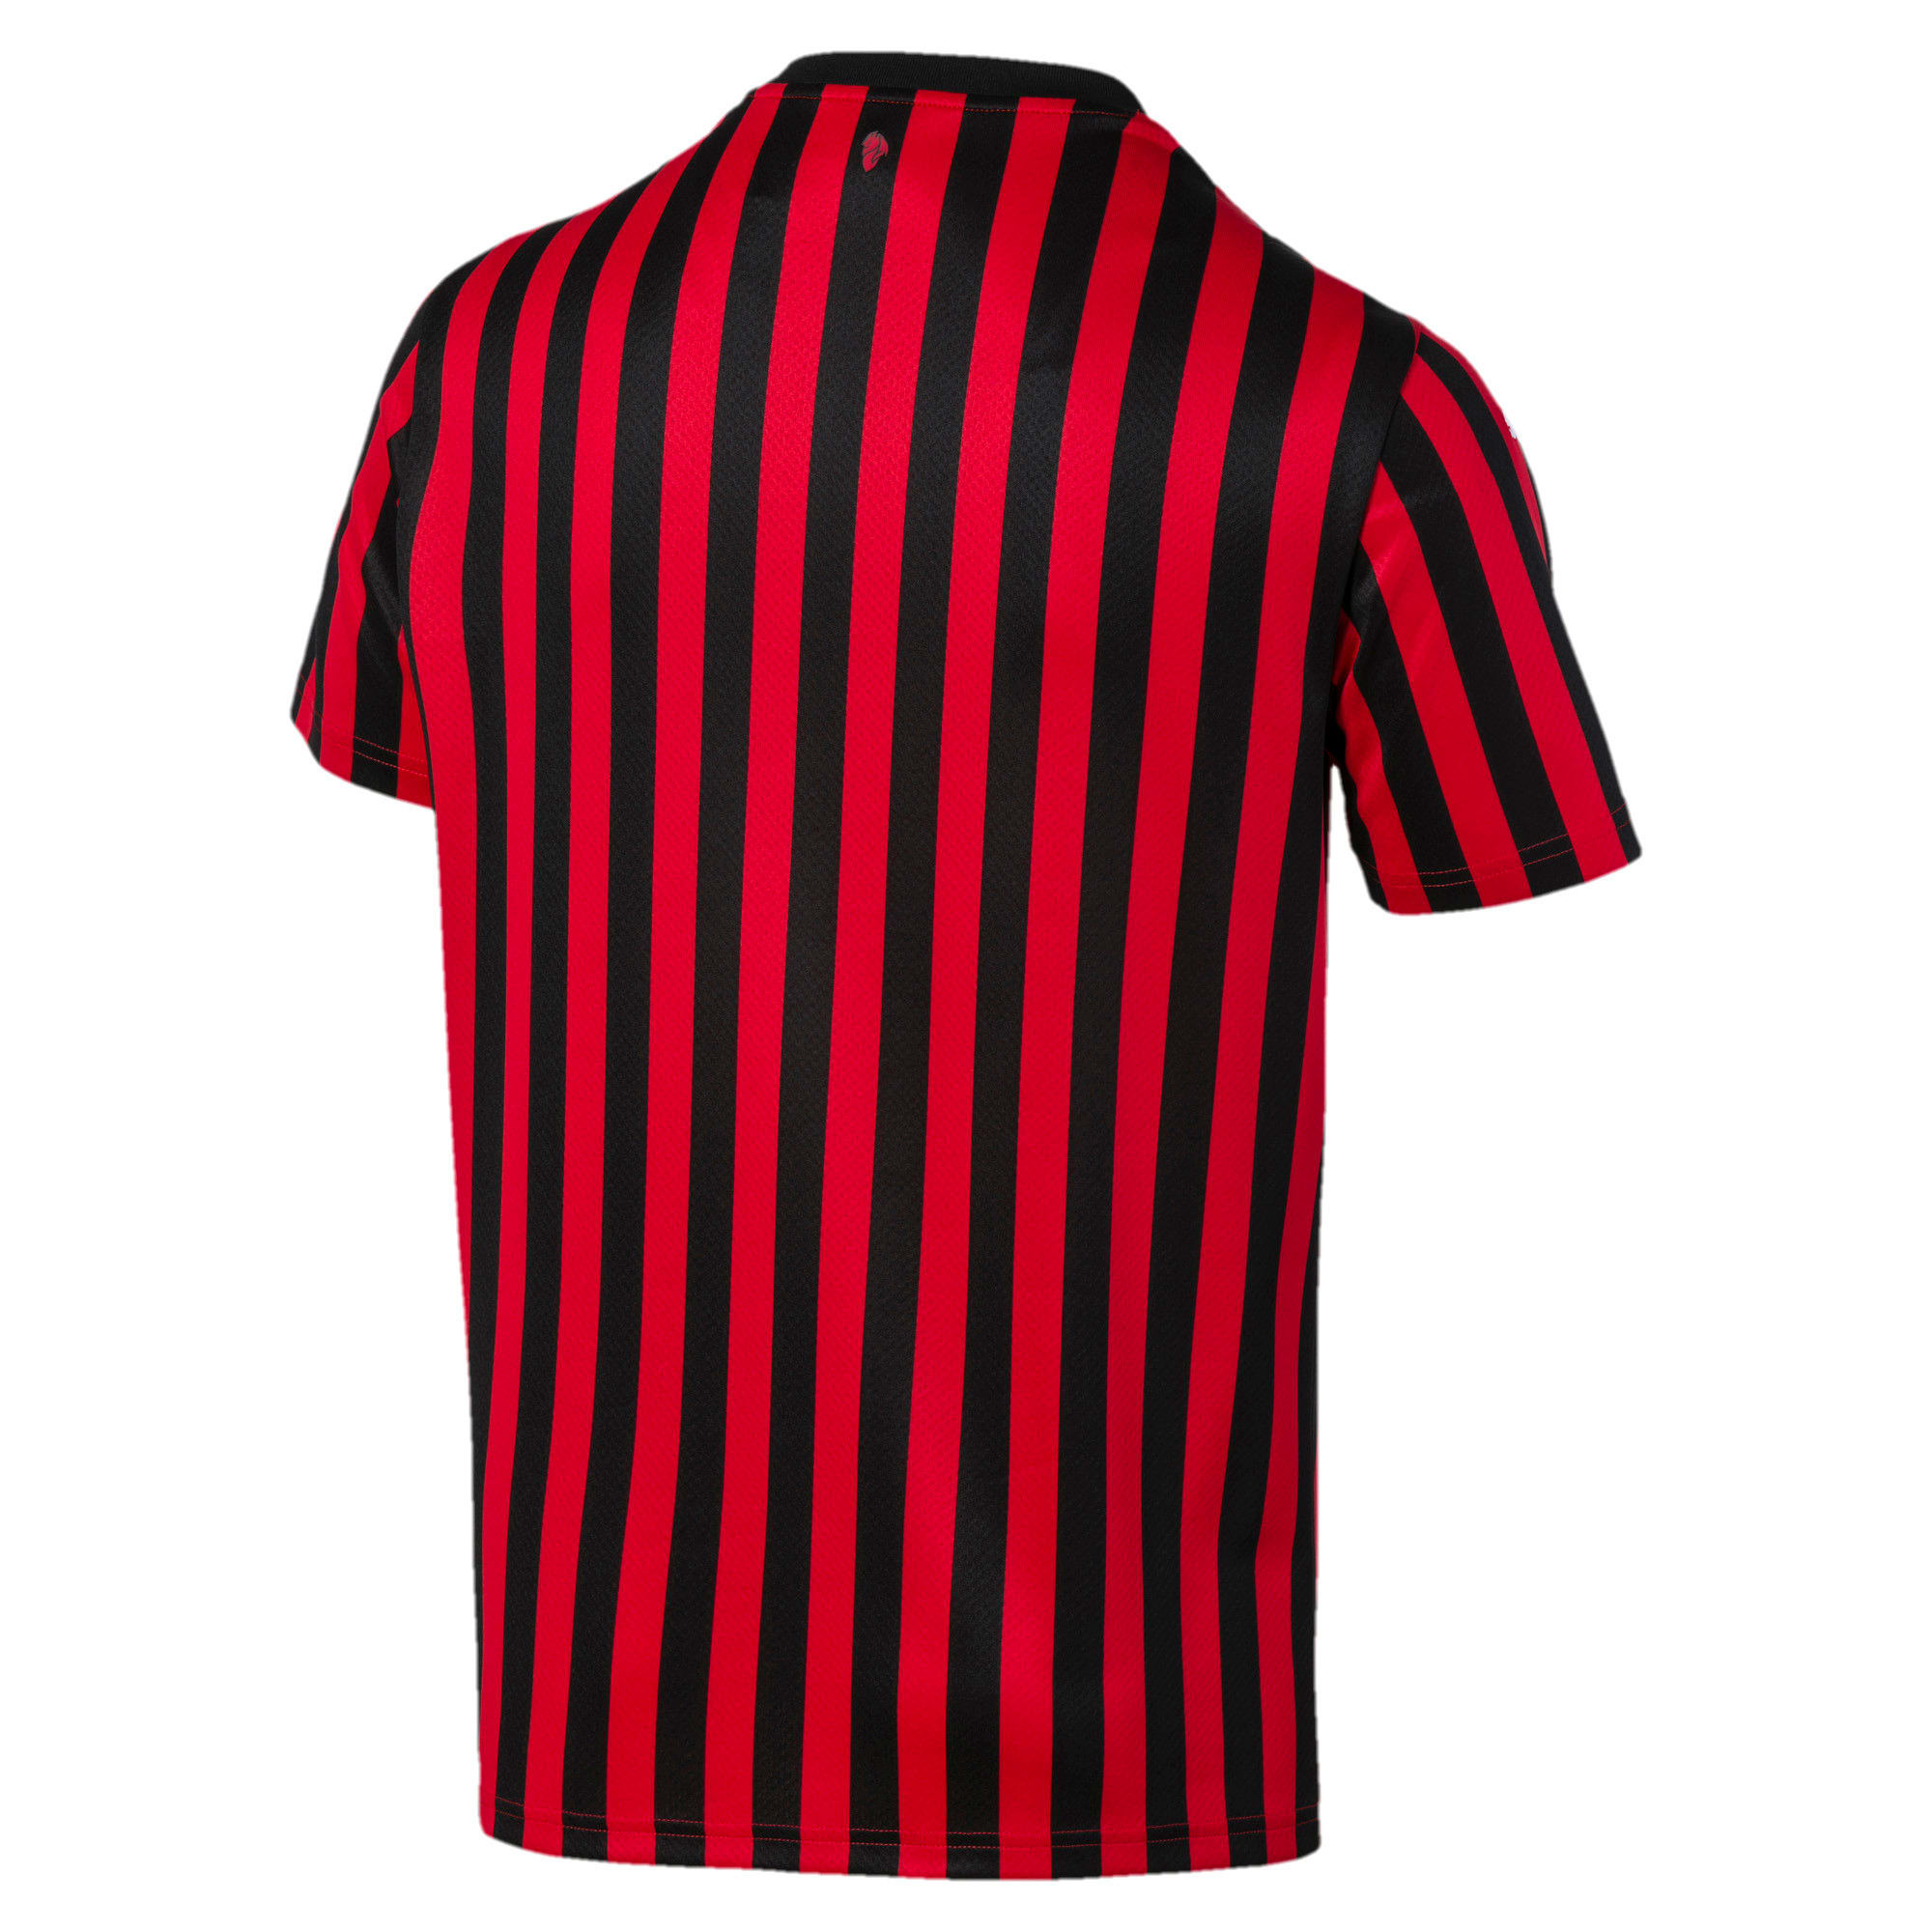 Miniaturka 2 Replika koszulki domowej AC Milan dla mężczyzn, Kolor Tango Red -Puma Black, średnie